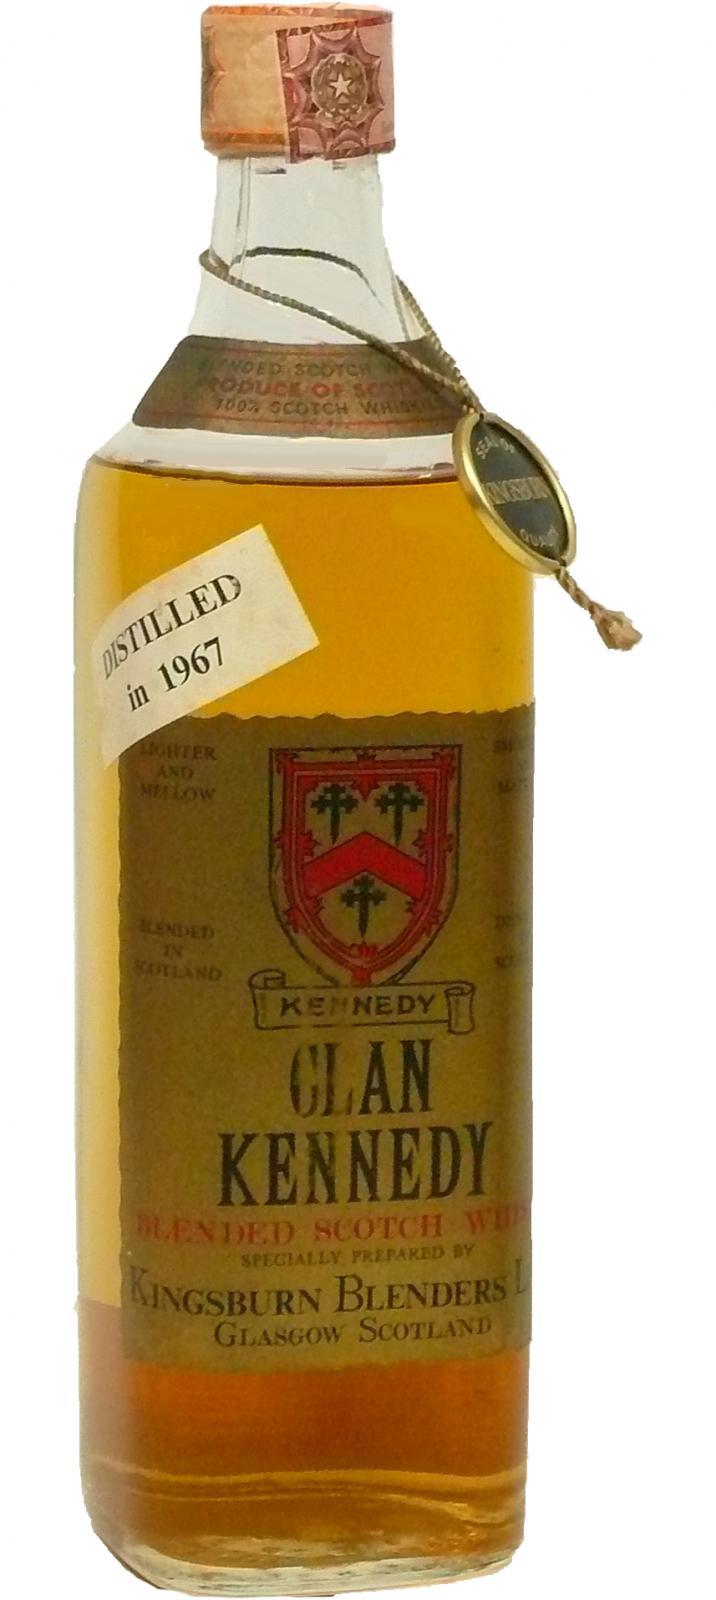 Clan Kennedy 1967